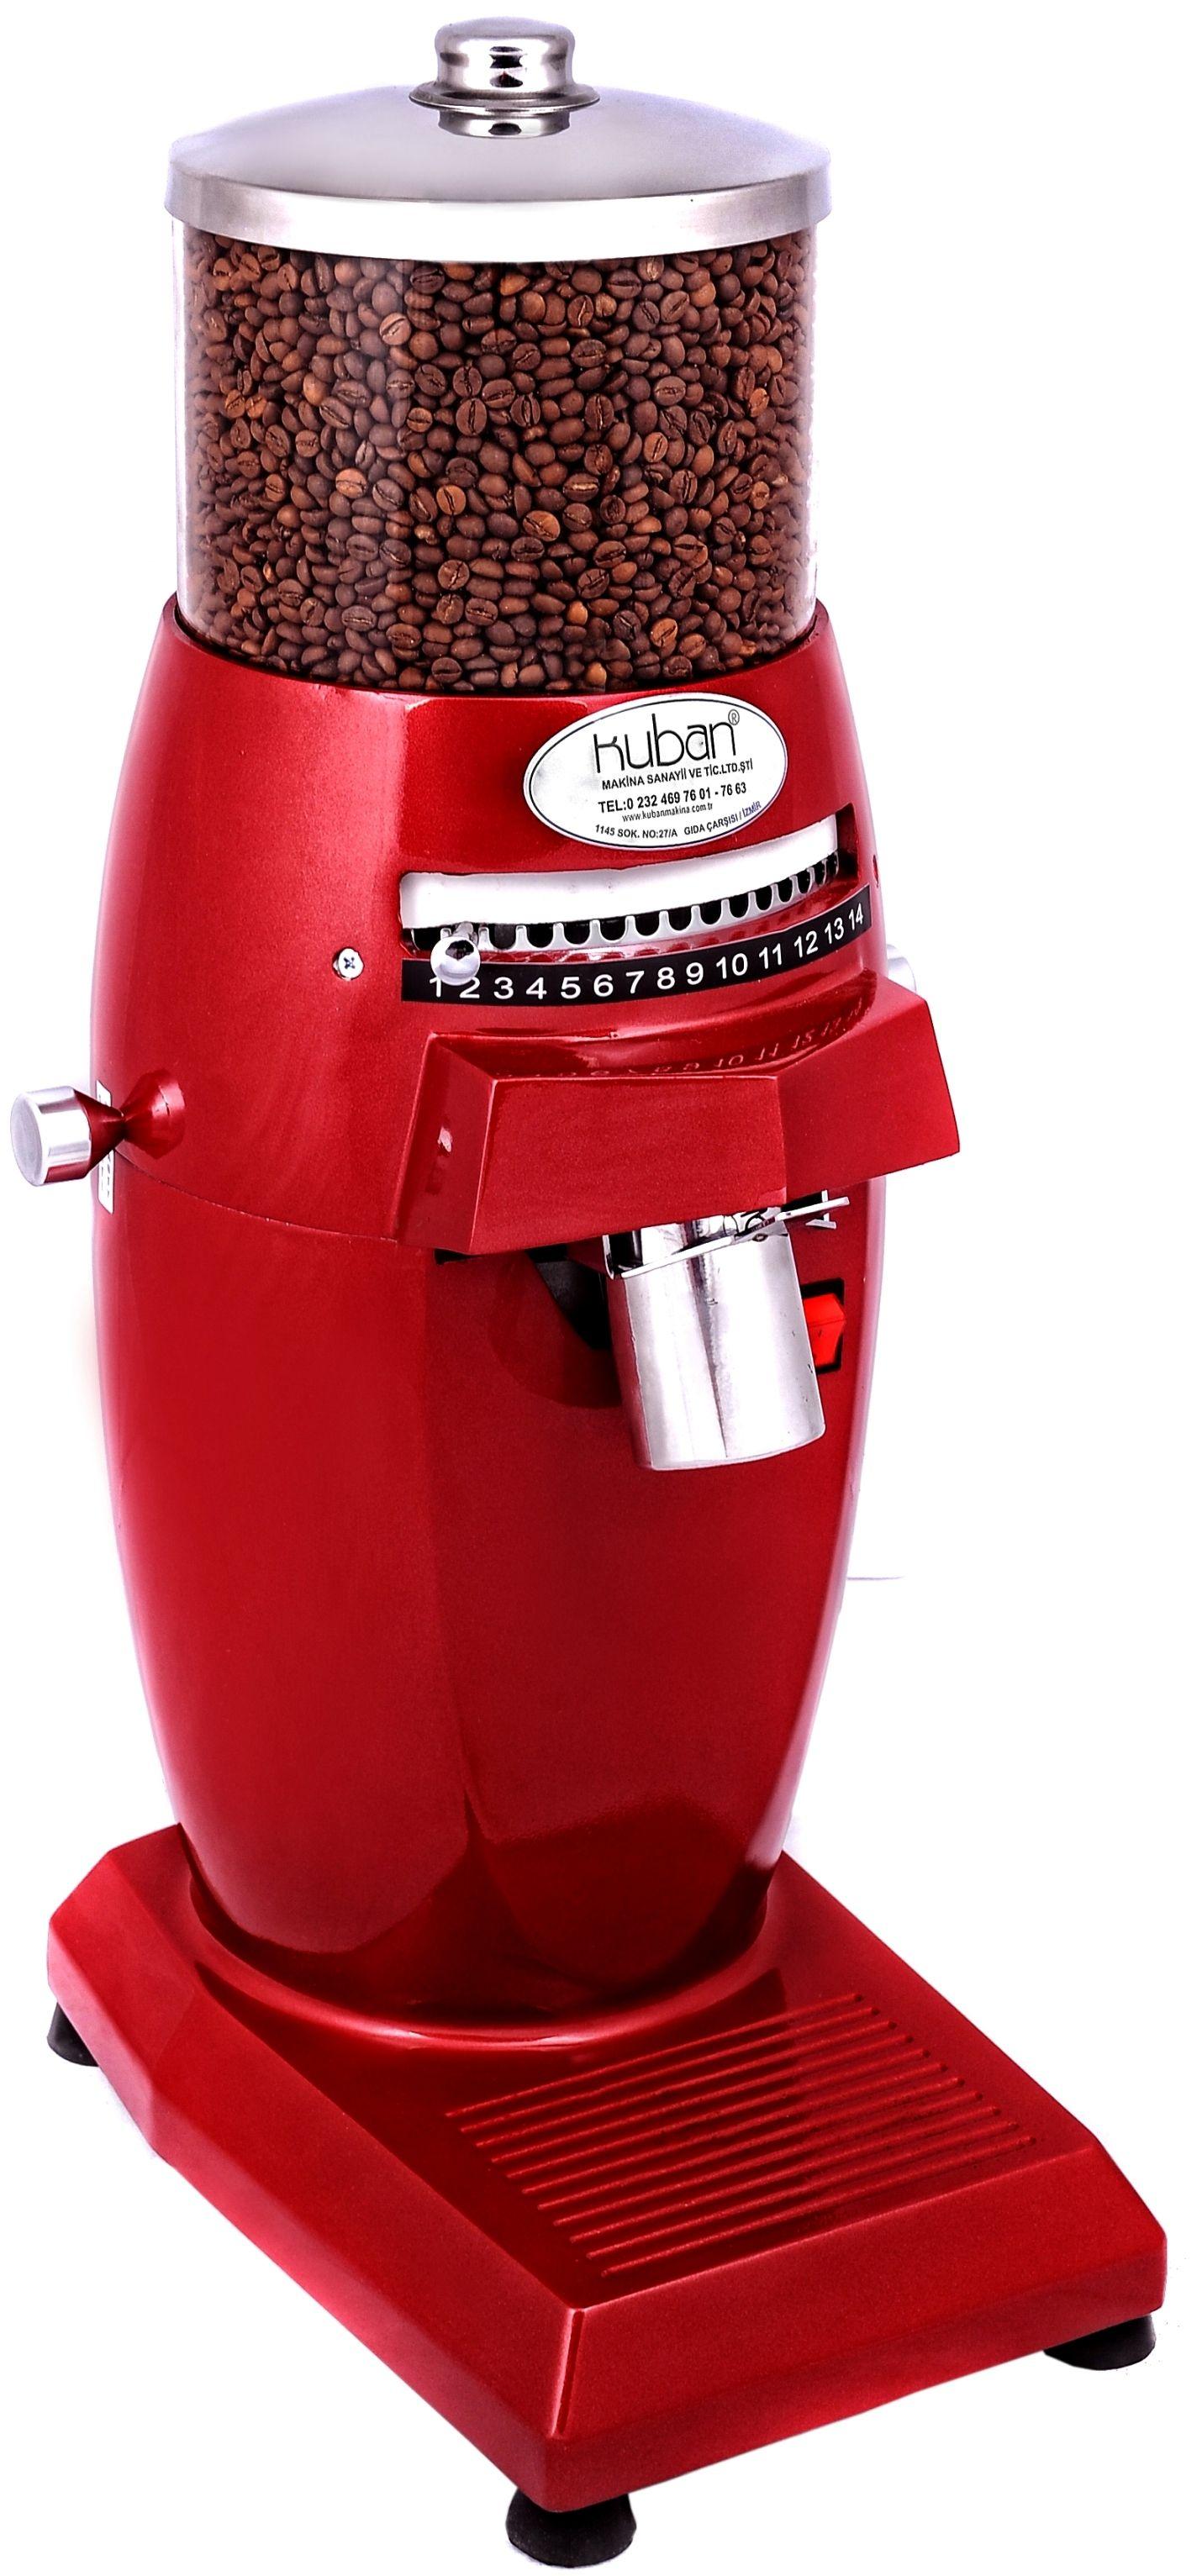 Coffee grinder coffee bean grinder industrial coffee